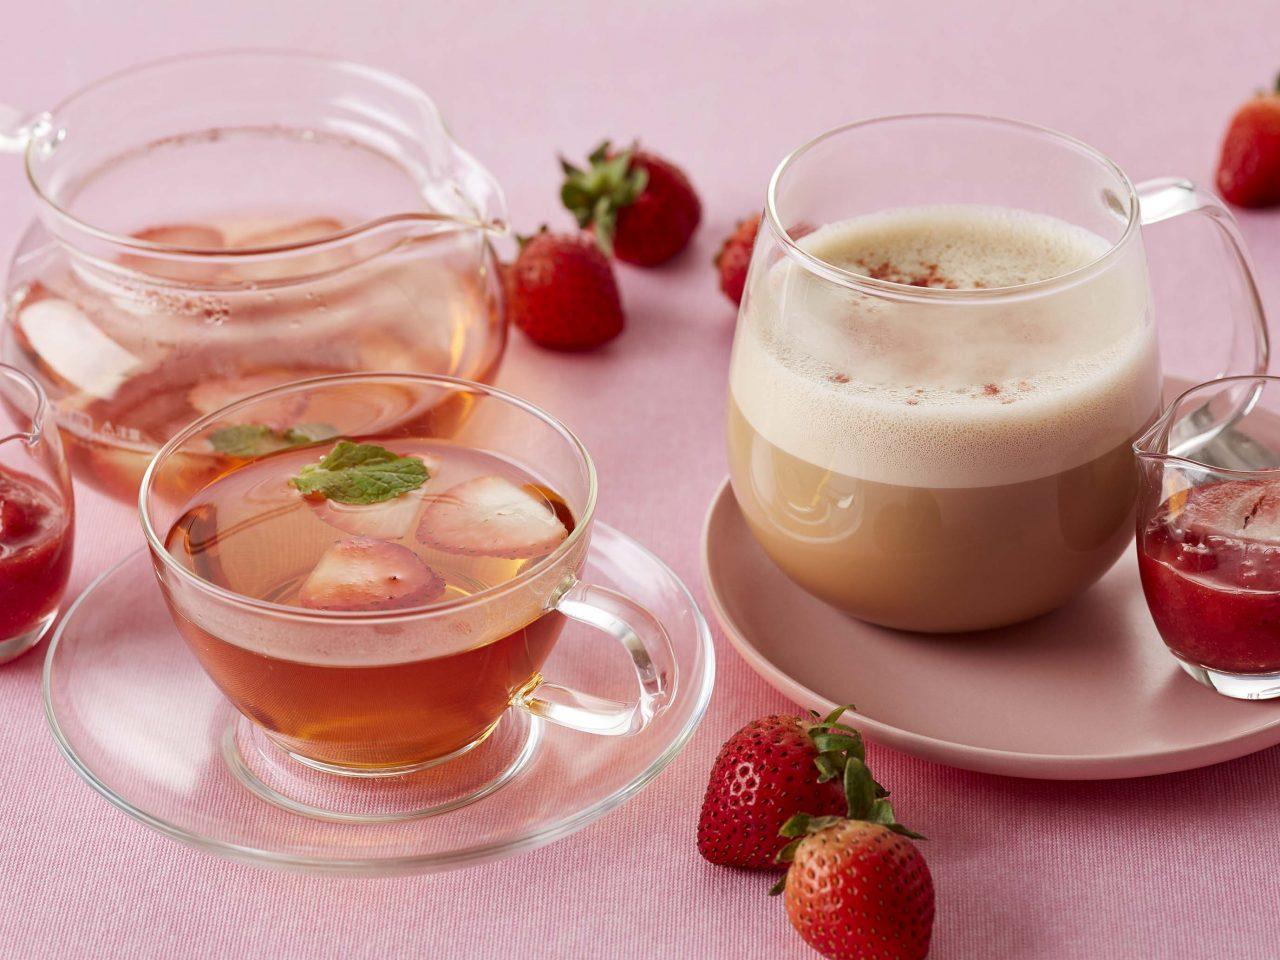 Afternoon Tea 苺フレーバーのお茶